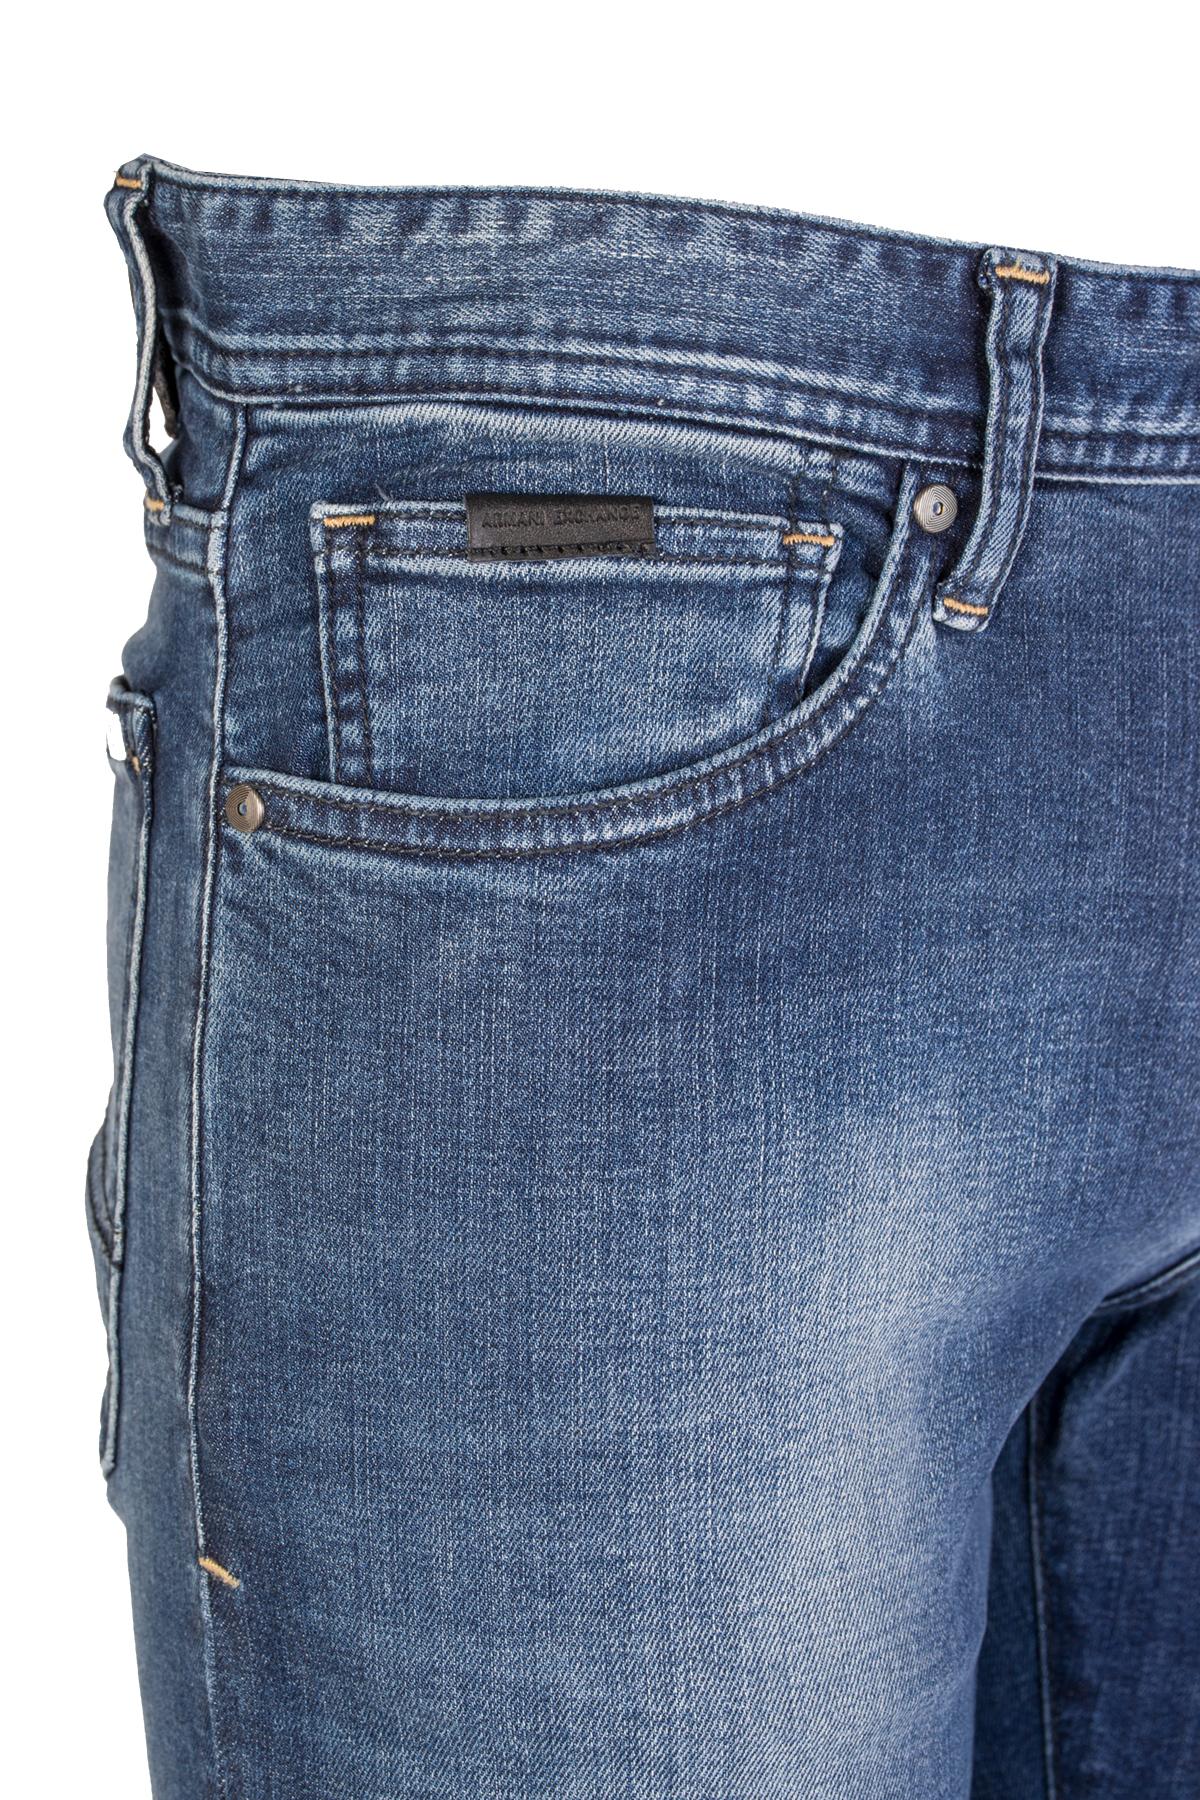 JEANS REGULAR FIT AX ARMANI EXCHANGE | Jeans | 3ZZJ14Z1CVZ1500DENIMINDIGO